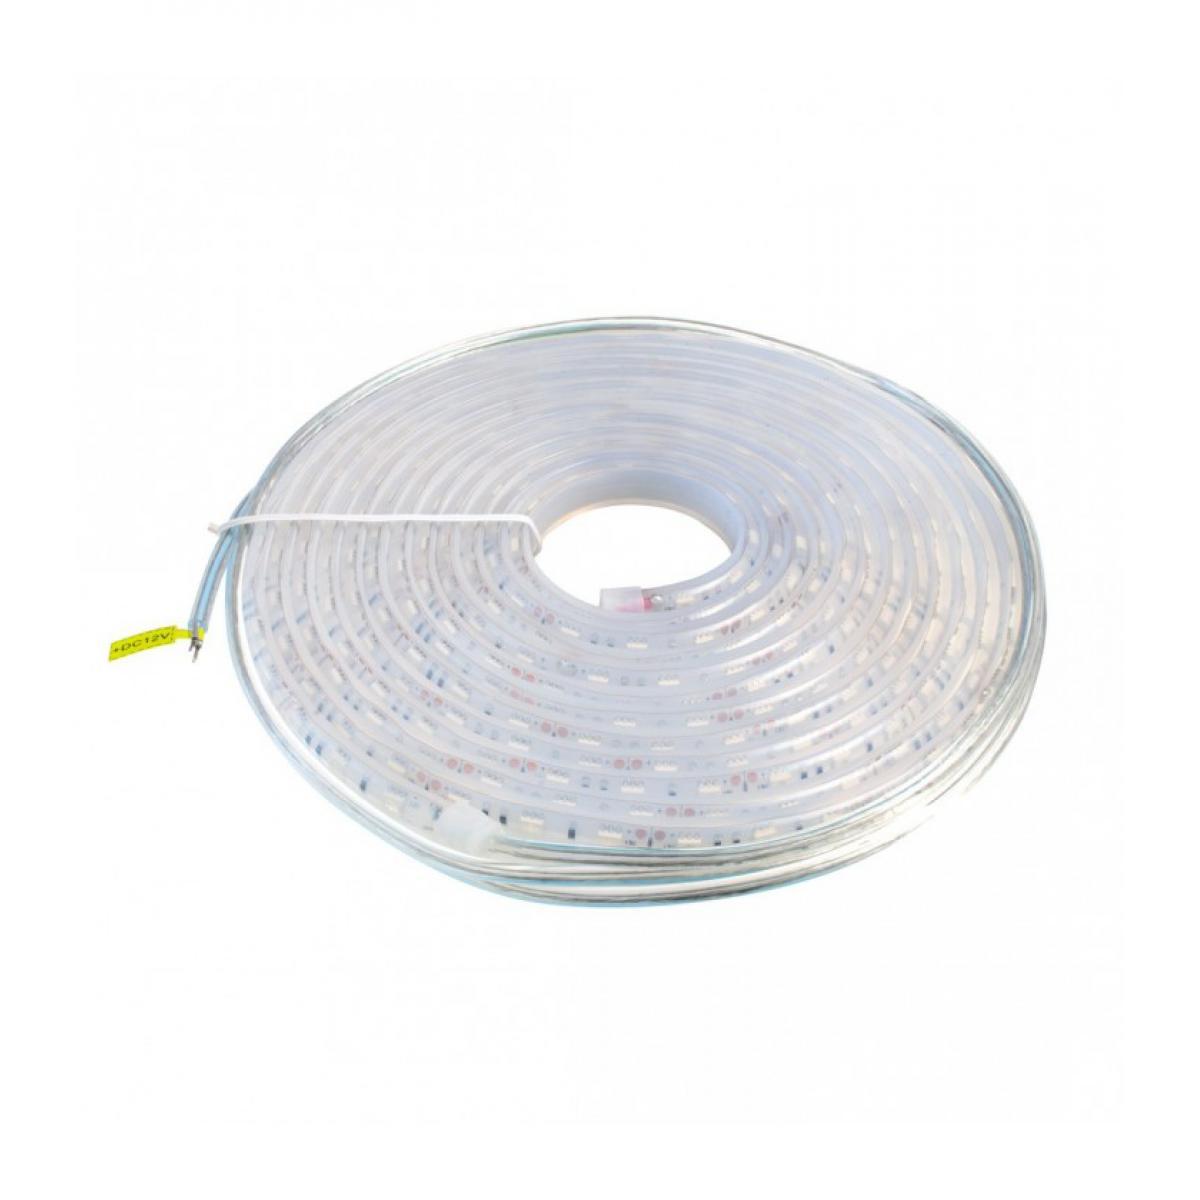 Ecolife Lighting 5 mètre de Ruban LED Bleu - 12V - 14,4W/m - 60 LEDs/m - IP68 - SMD5050